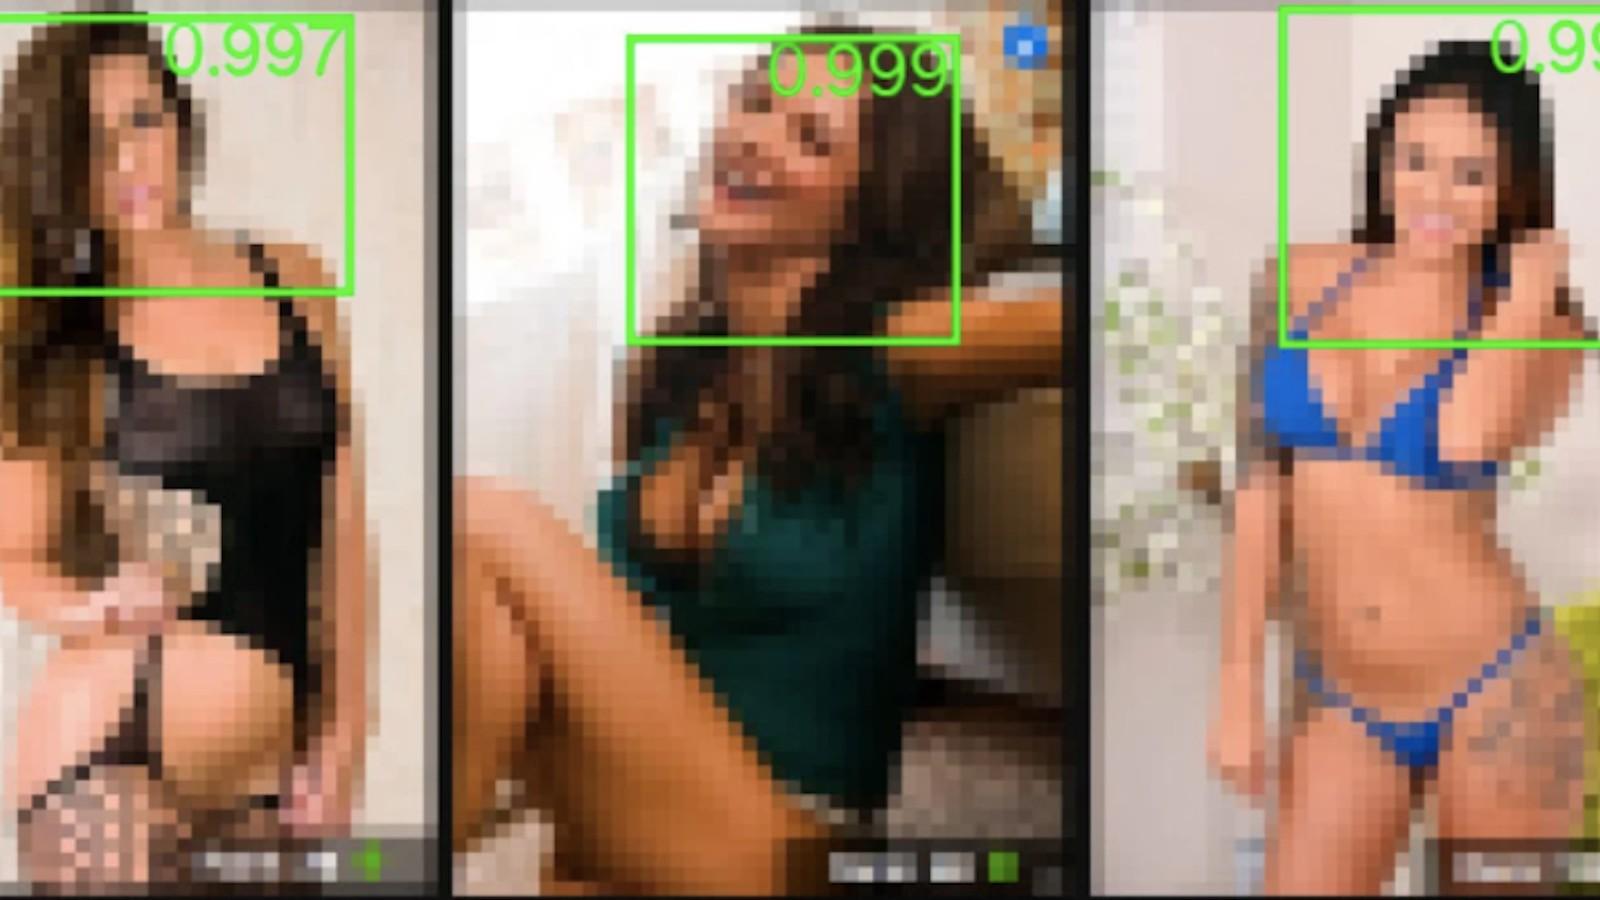 Il riconoscimento facciale nel porno è un disastro distopico